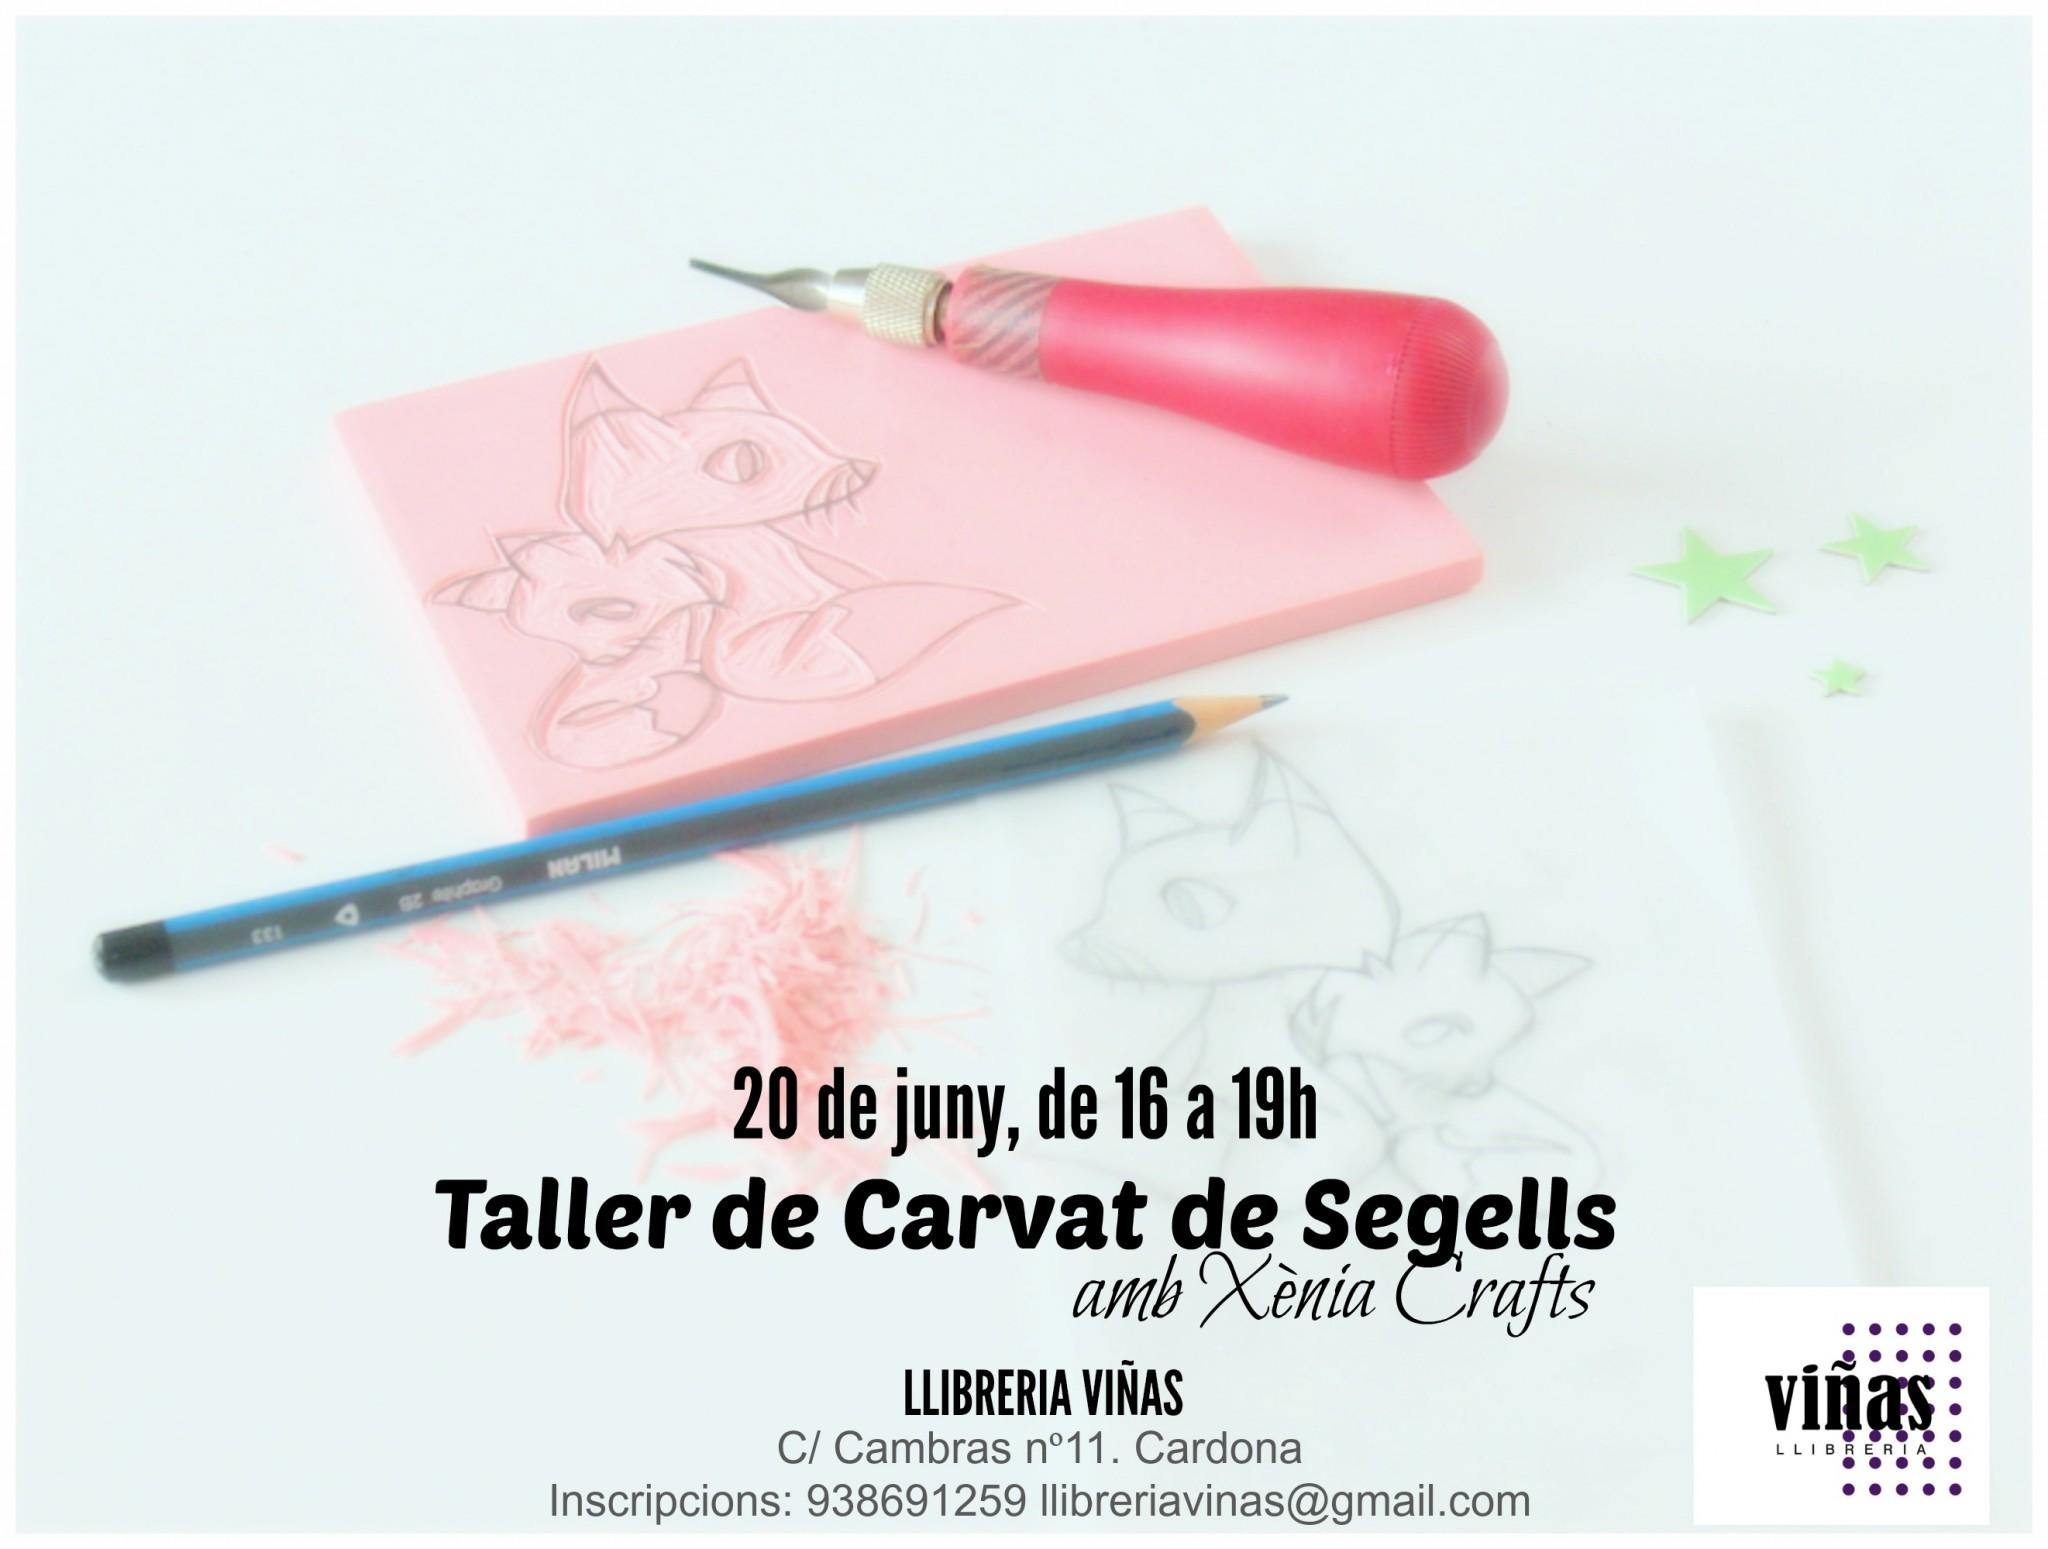 Cartell de carvat de segells Llibreria Viñas 02